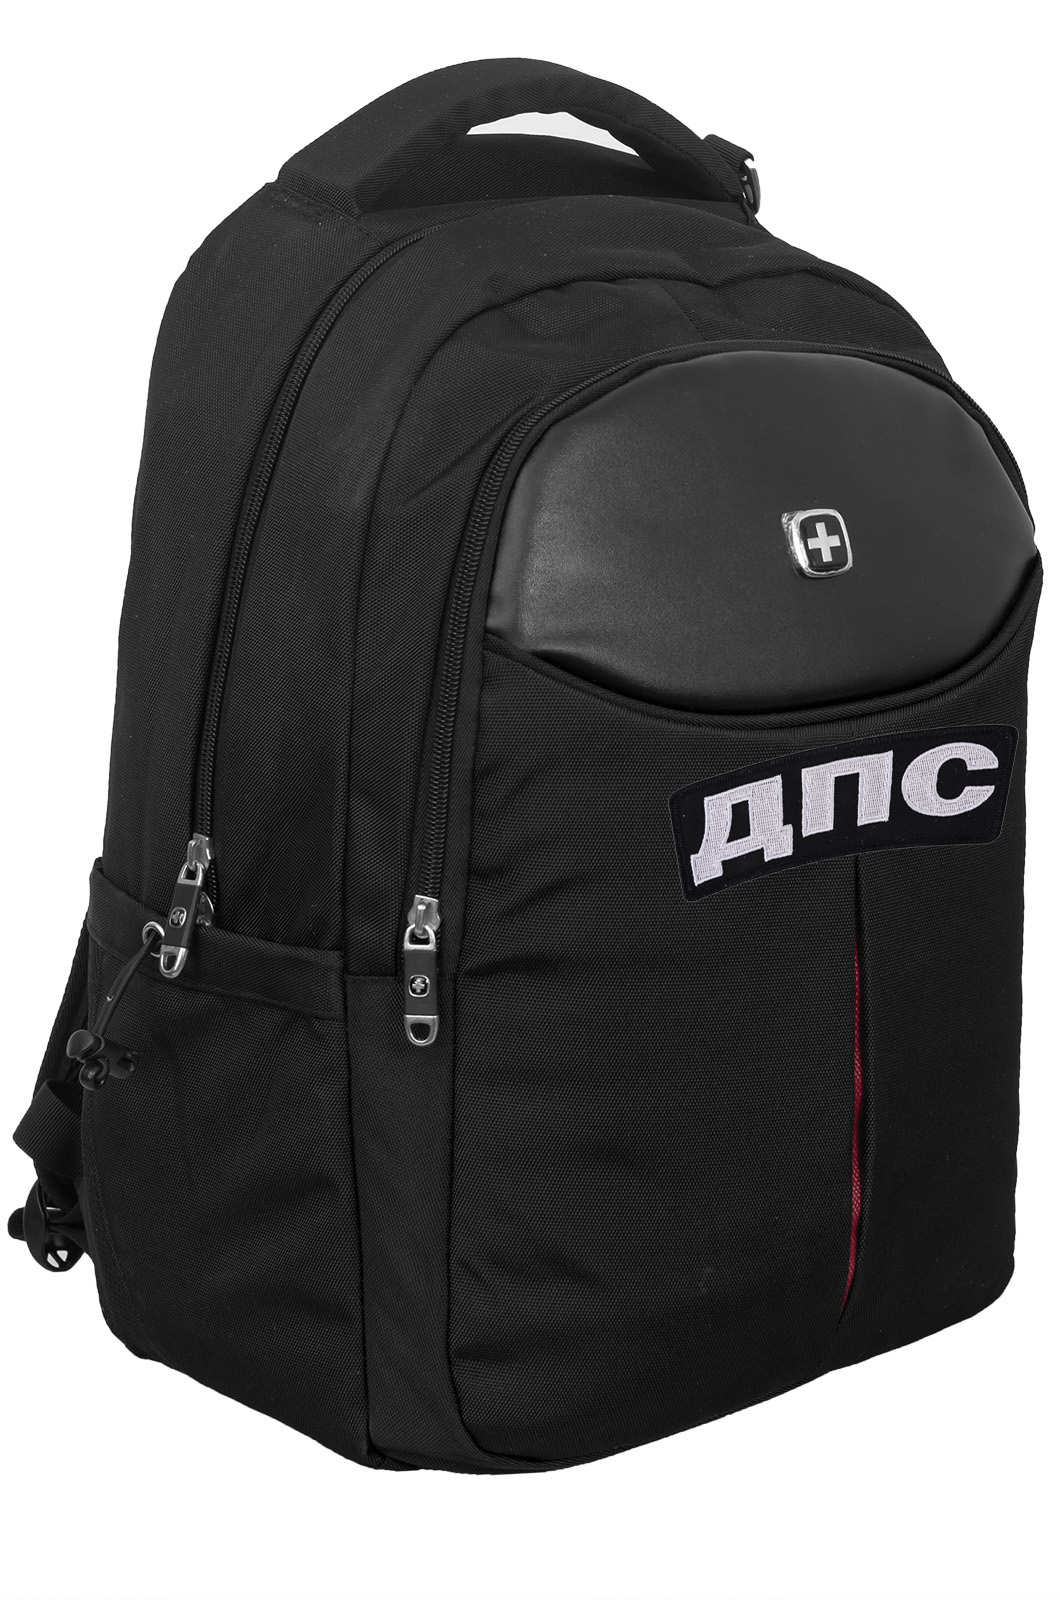 Универсальный повседневный рюкзак ДПС - купить онлайн